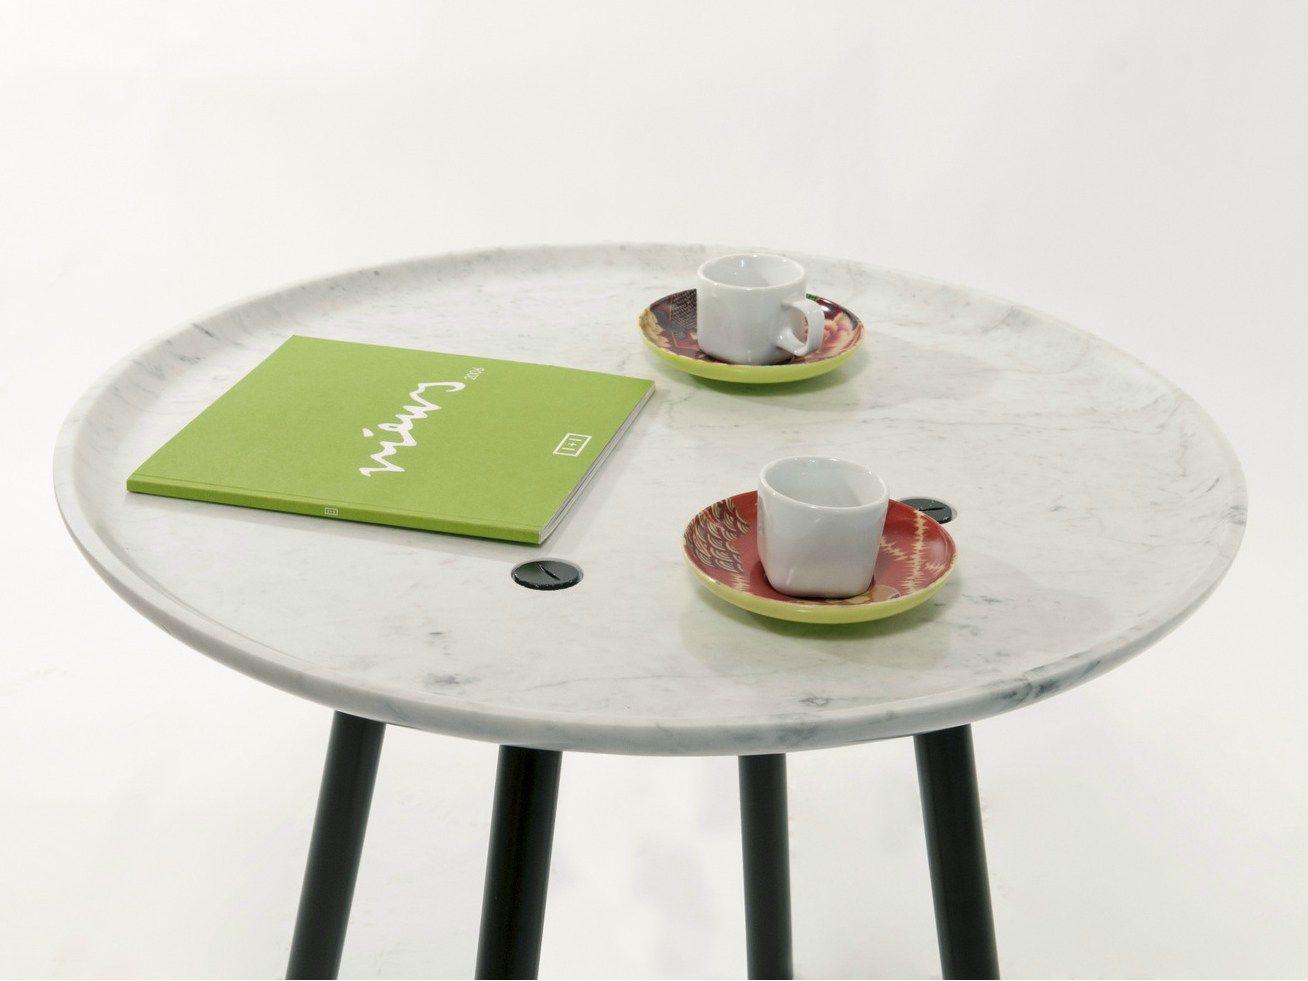 Runder couchtisch plate by covo design mikko laakkonen - Runder couchtisch ...